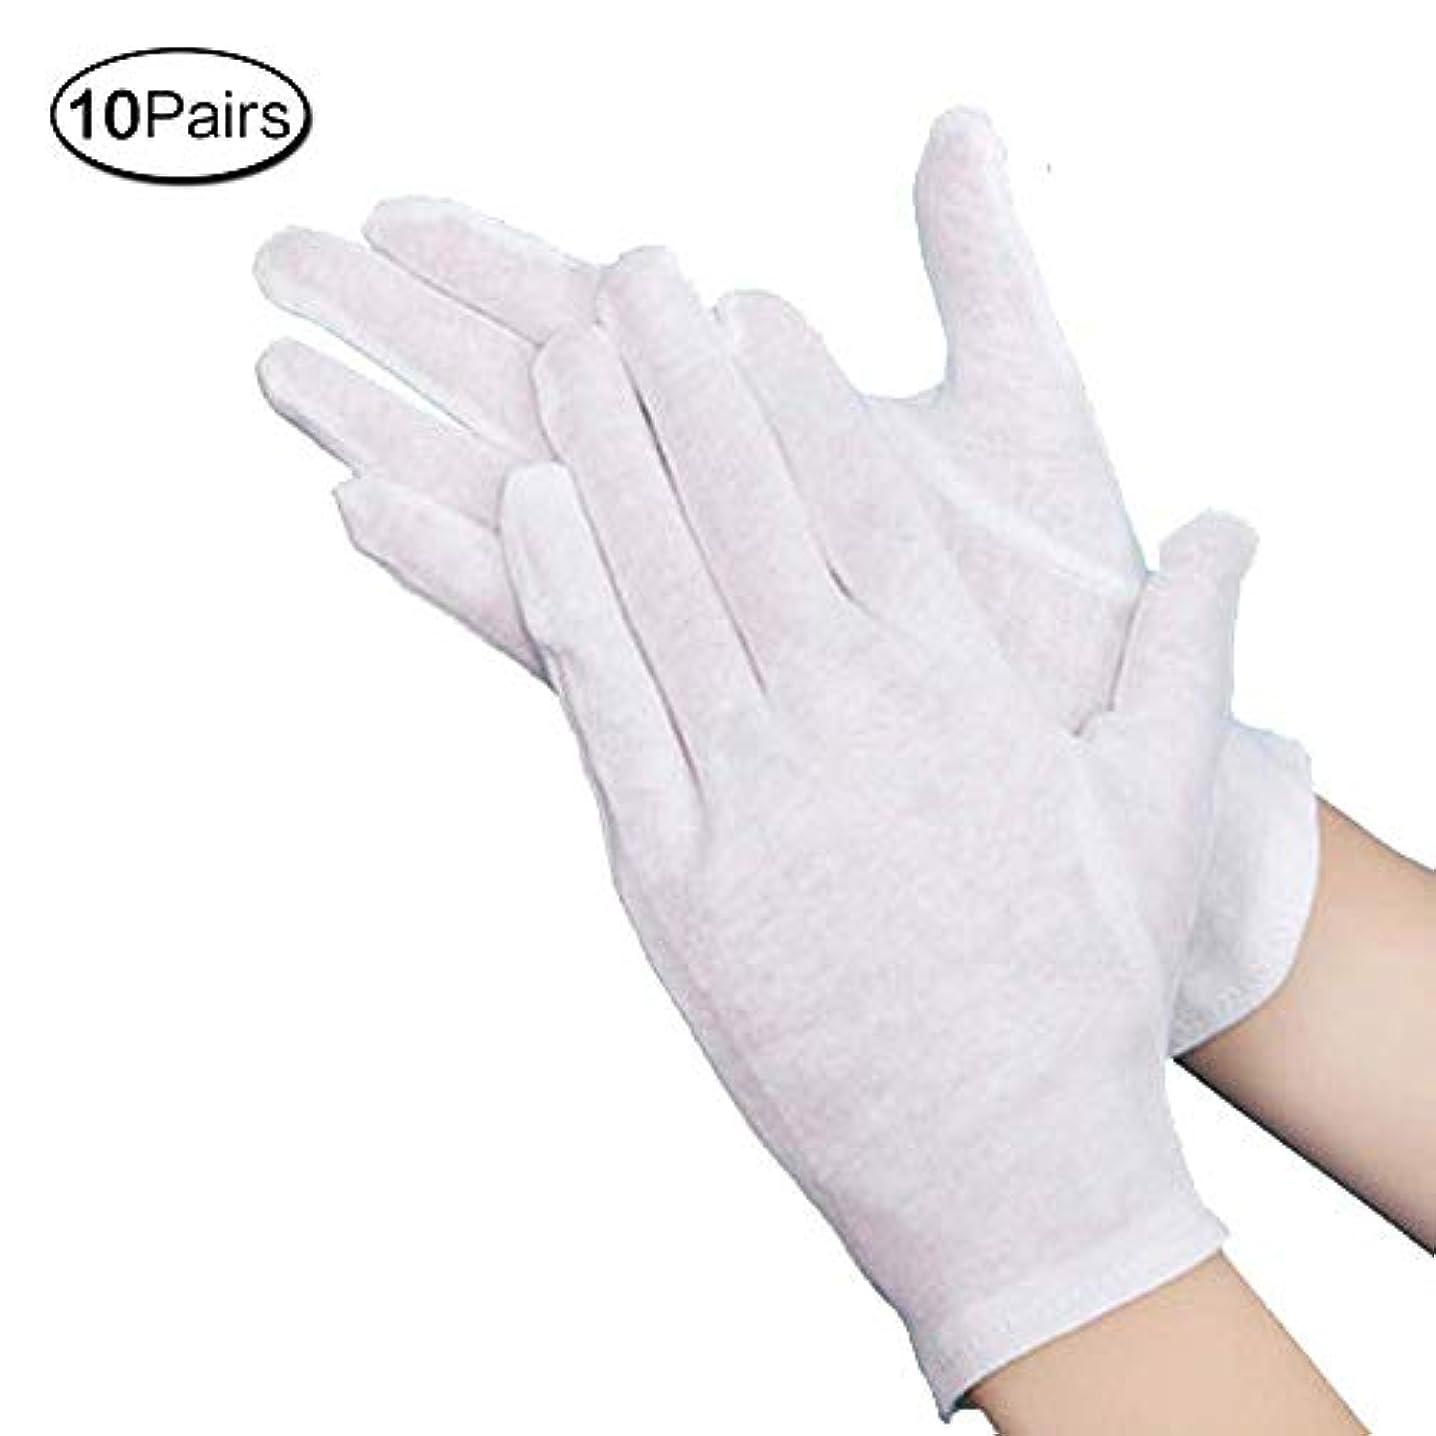 ソーダ水わな粗い綿手袋 純綿100% 通気性 コットン手袋 10双組 M